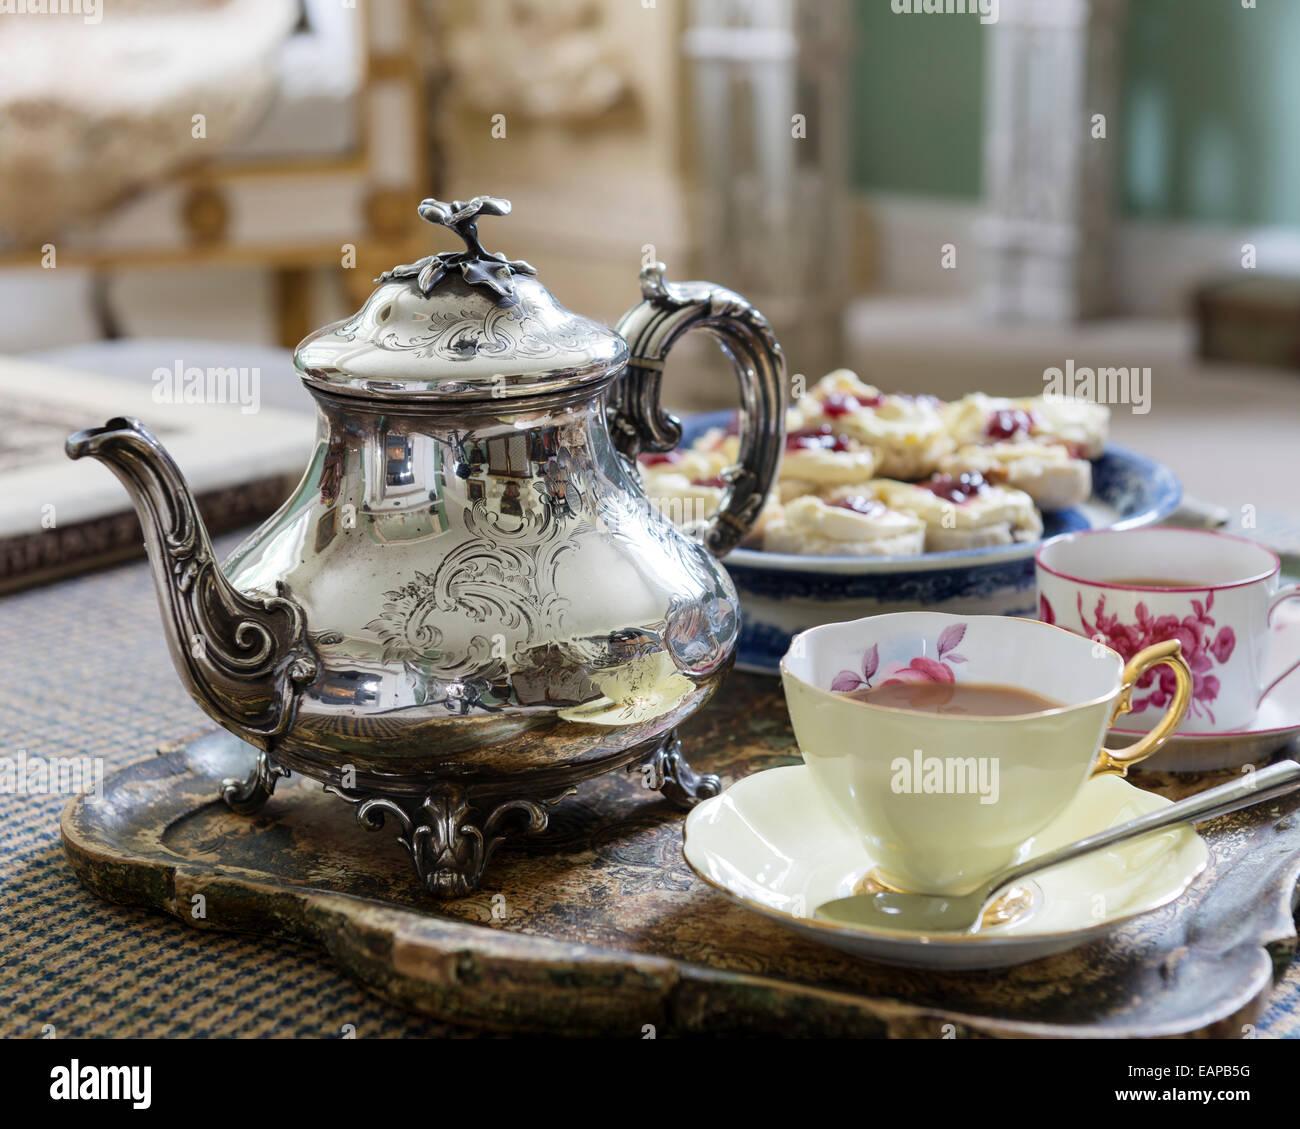 Silberne Teekanne auf Tablett mit Tassen und Untertassen und scones Stockbild